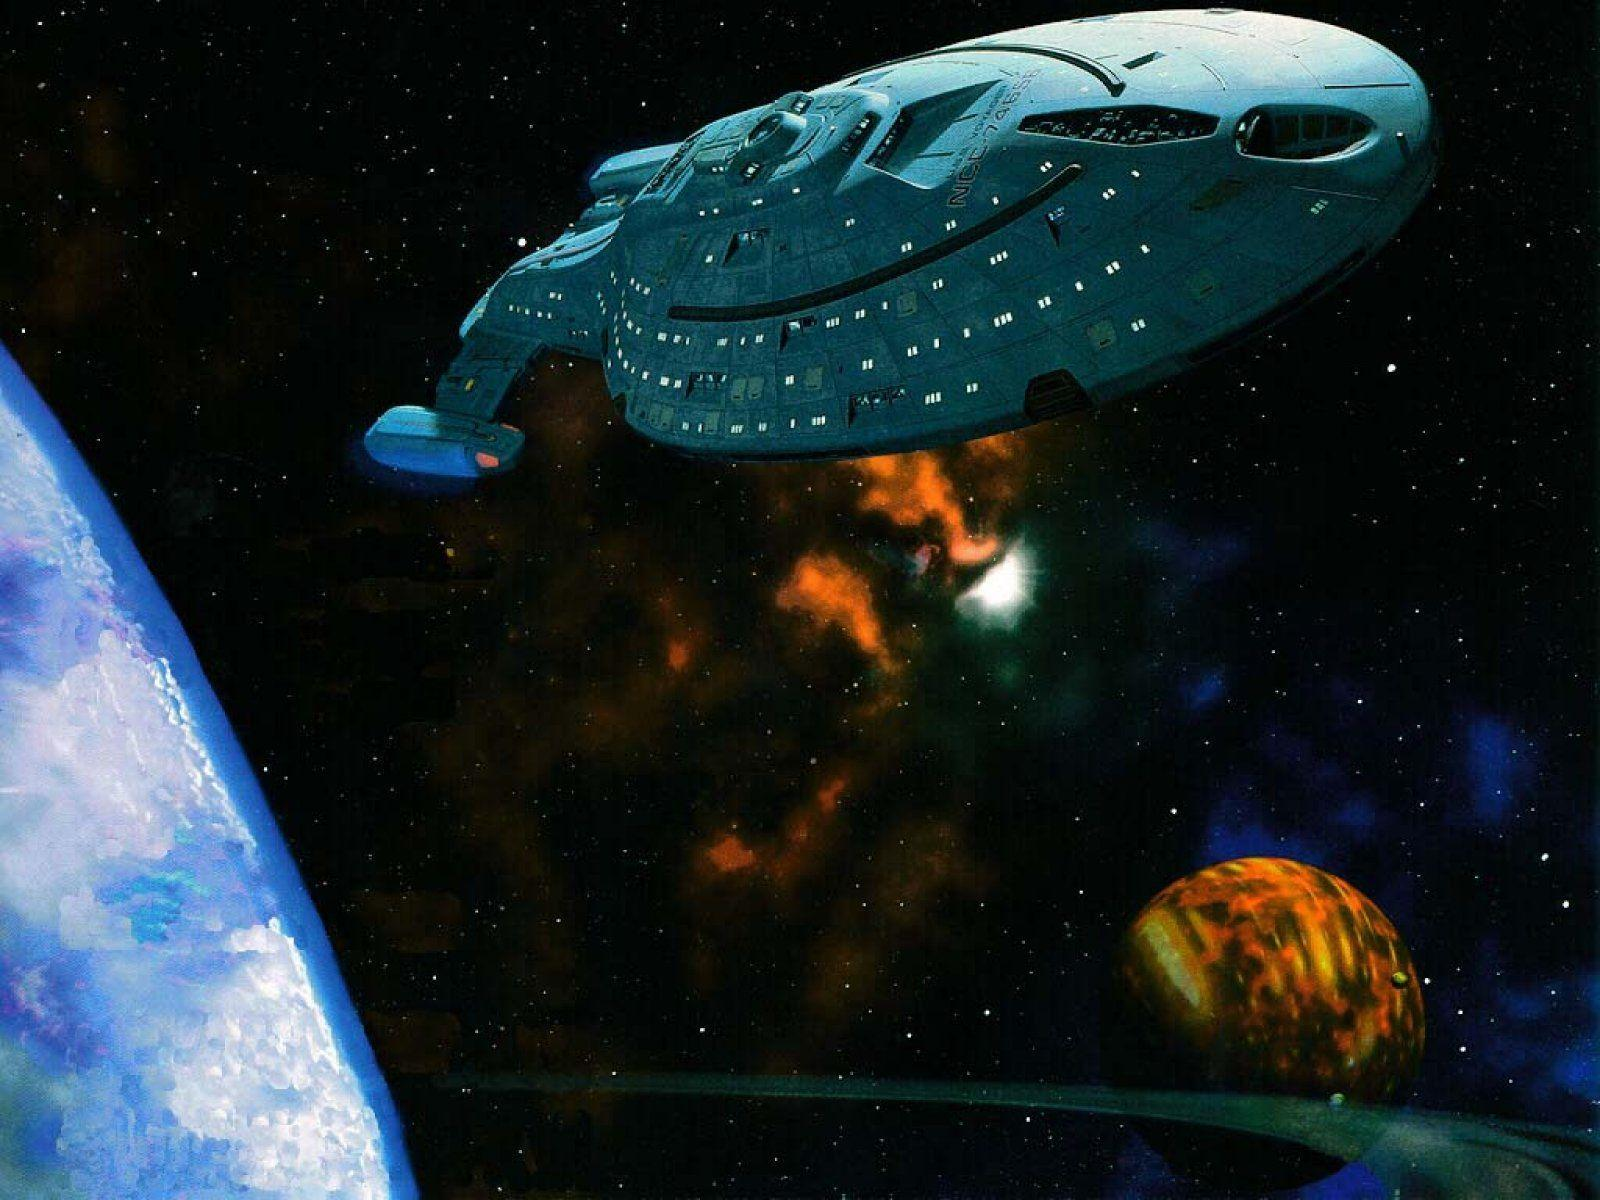 voyager spacecraft computer - photo #45